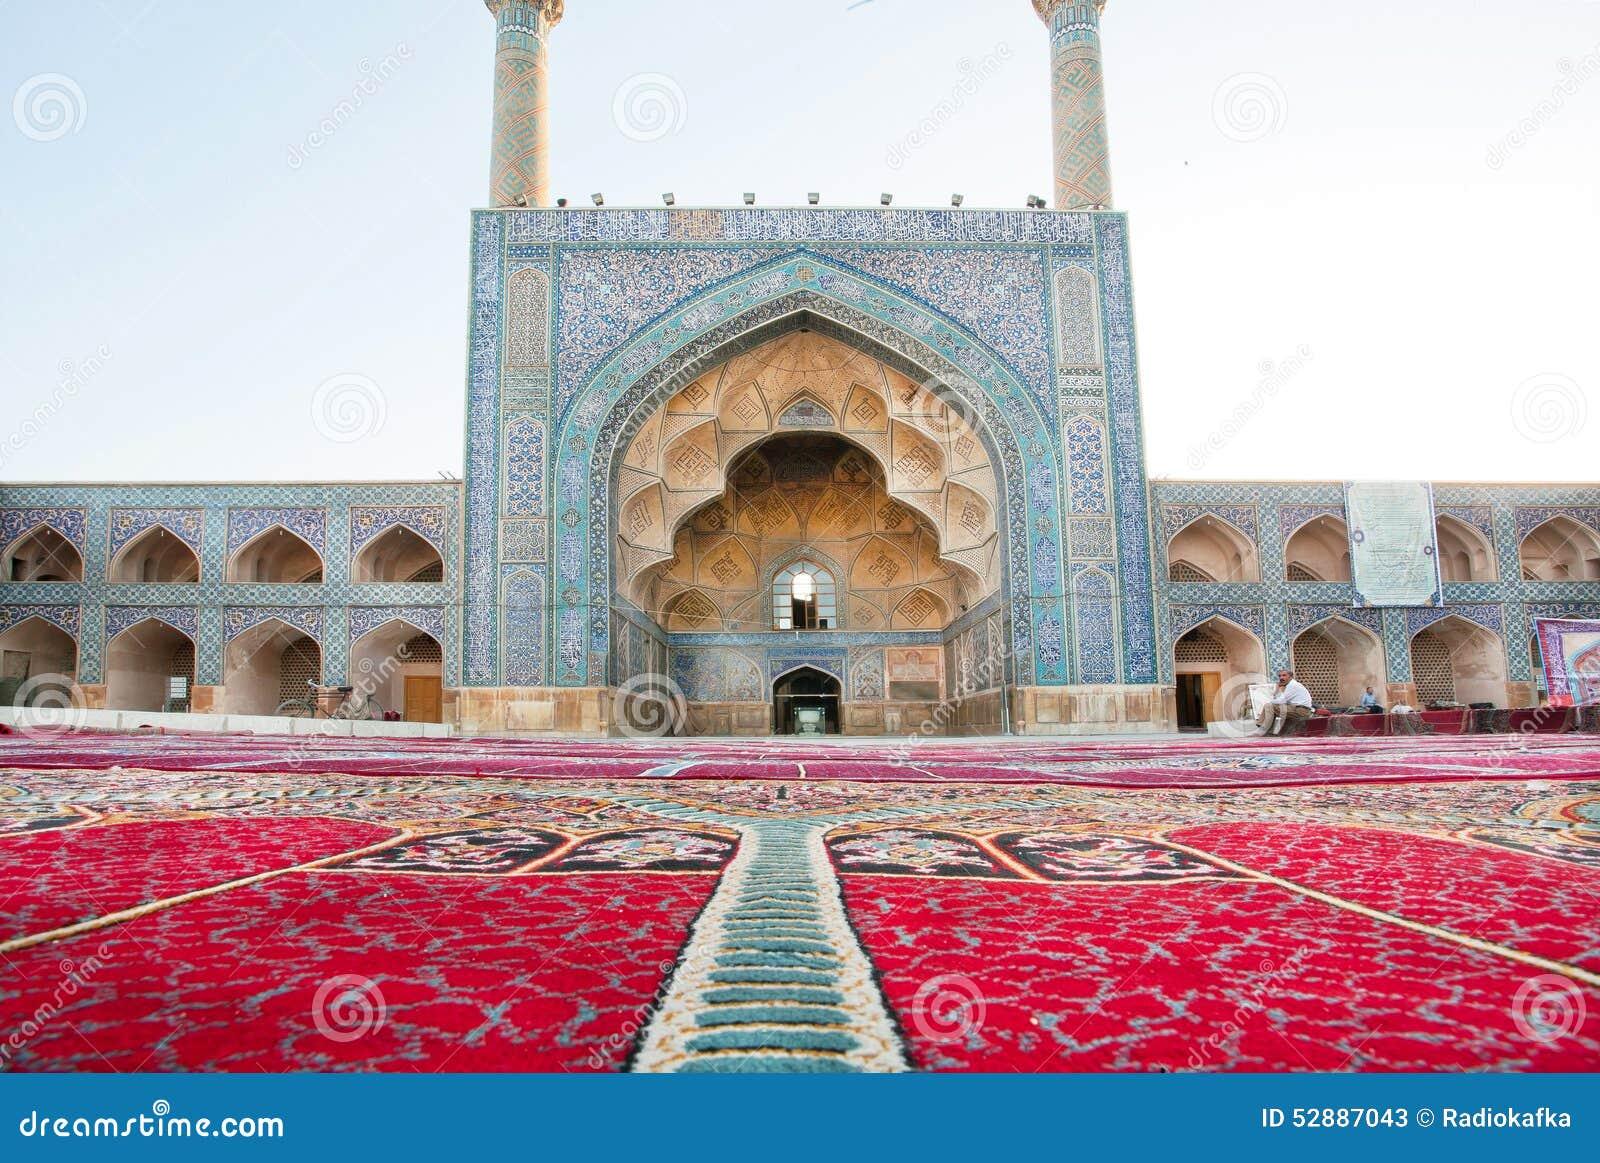 Tapis de perse c t de mosqu e historique avec le style Architecture perse